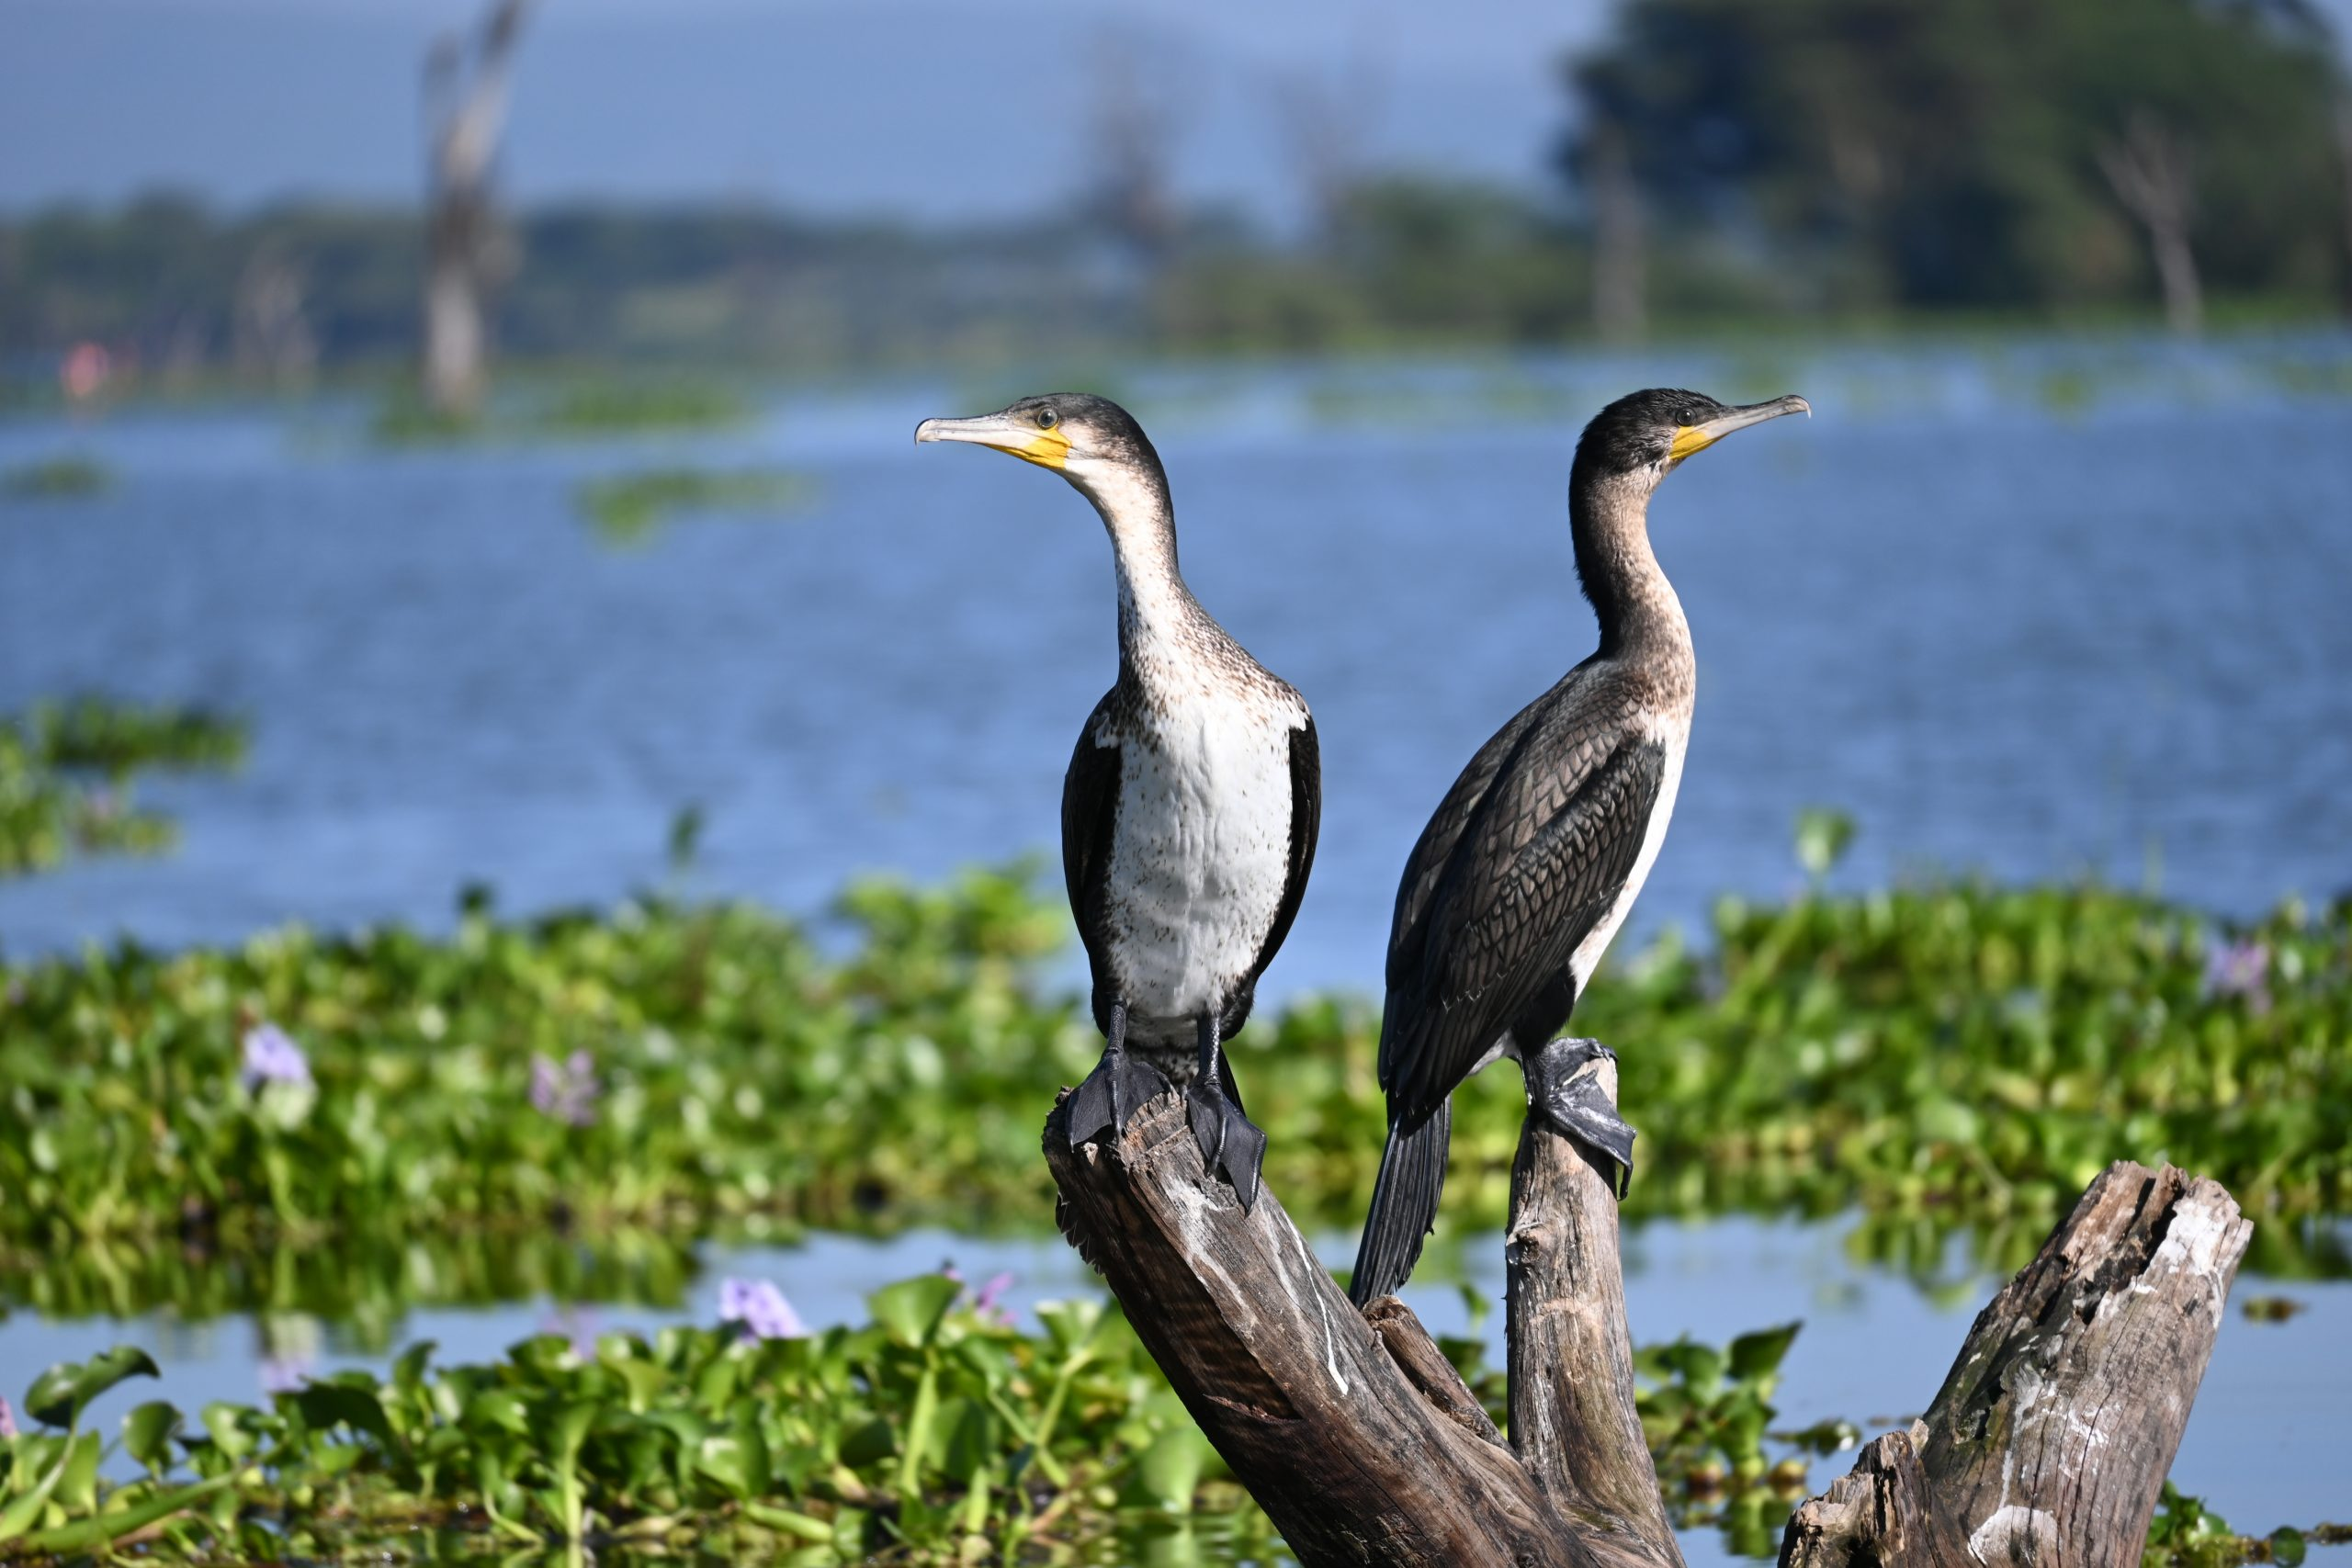 Cormorants in Africa